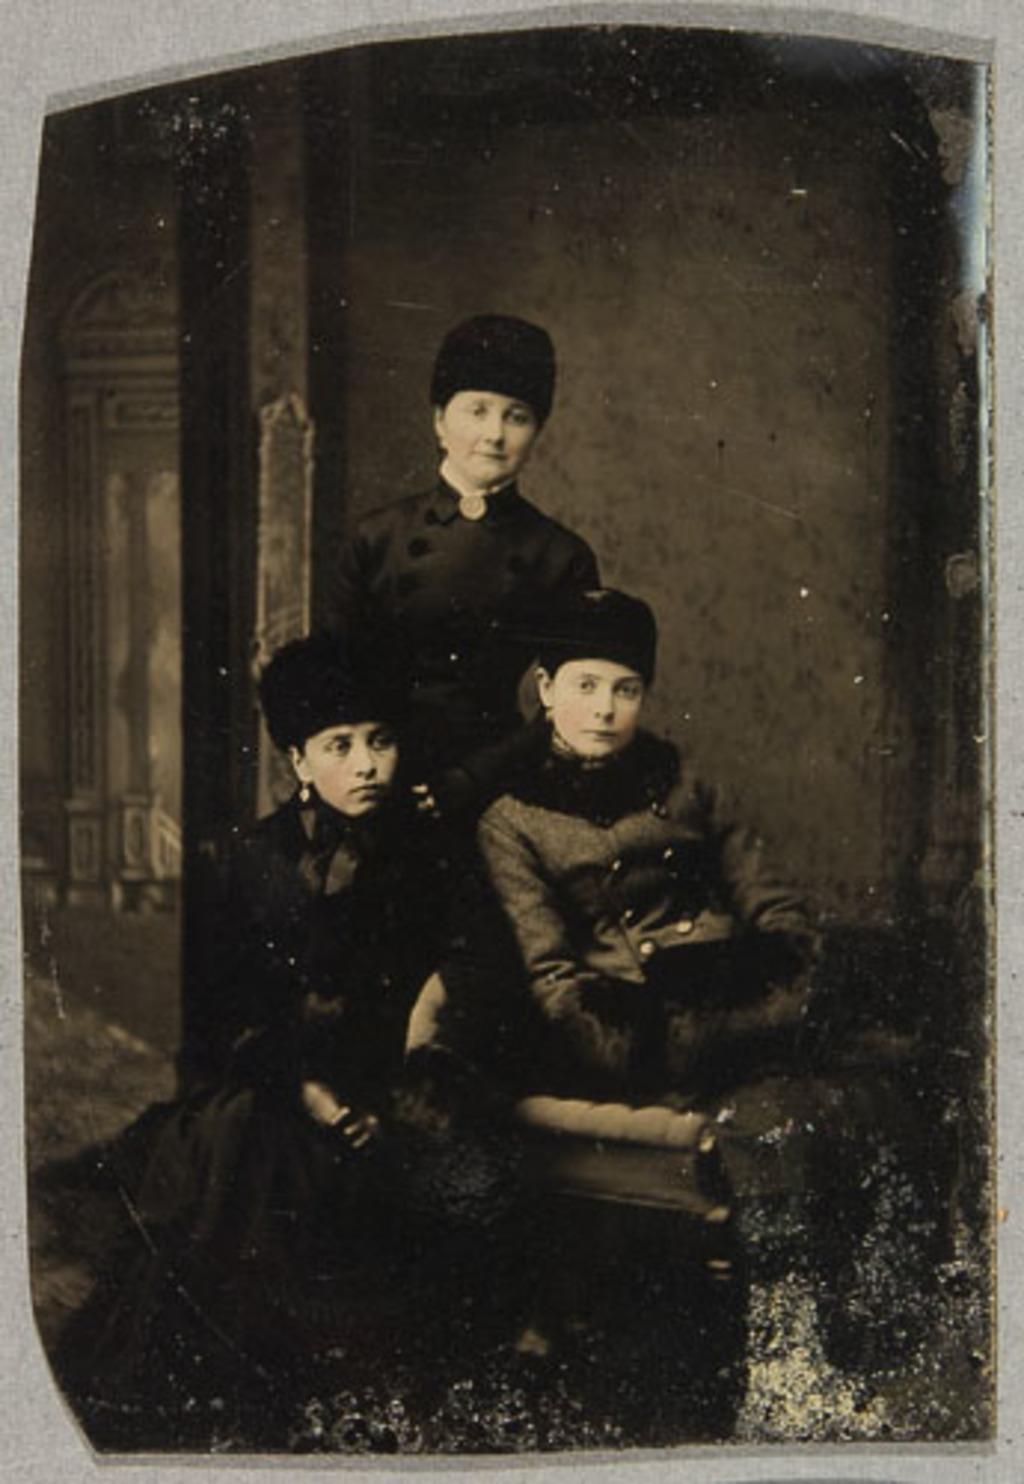 Portrait de trois femmes, en costume d'hiver